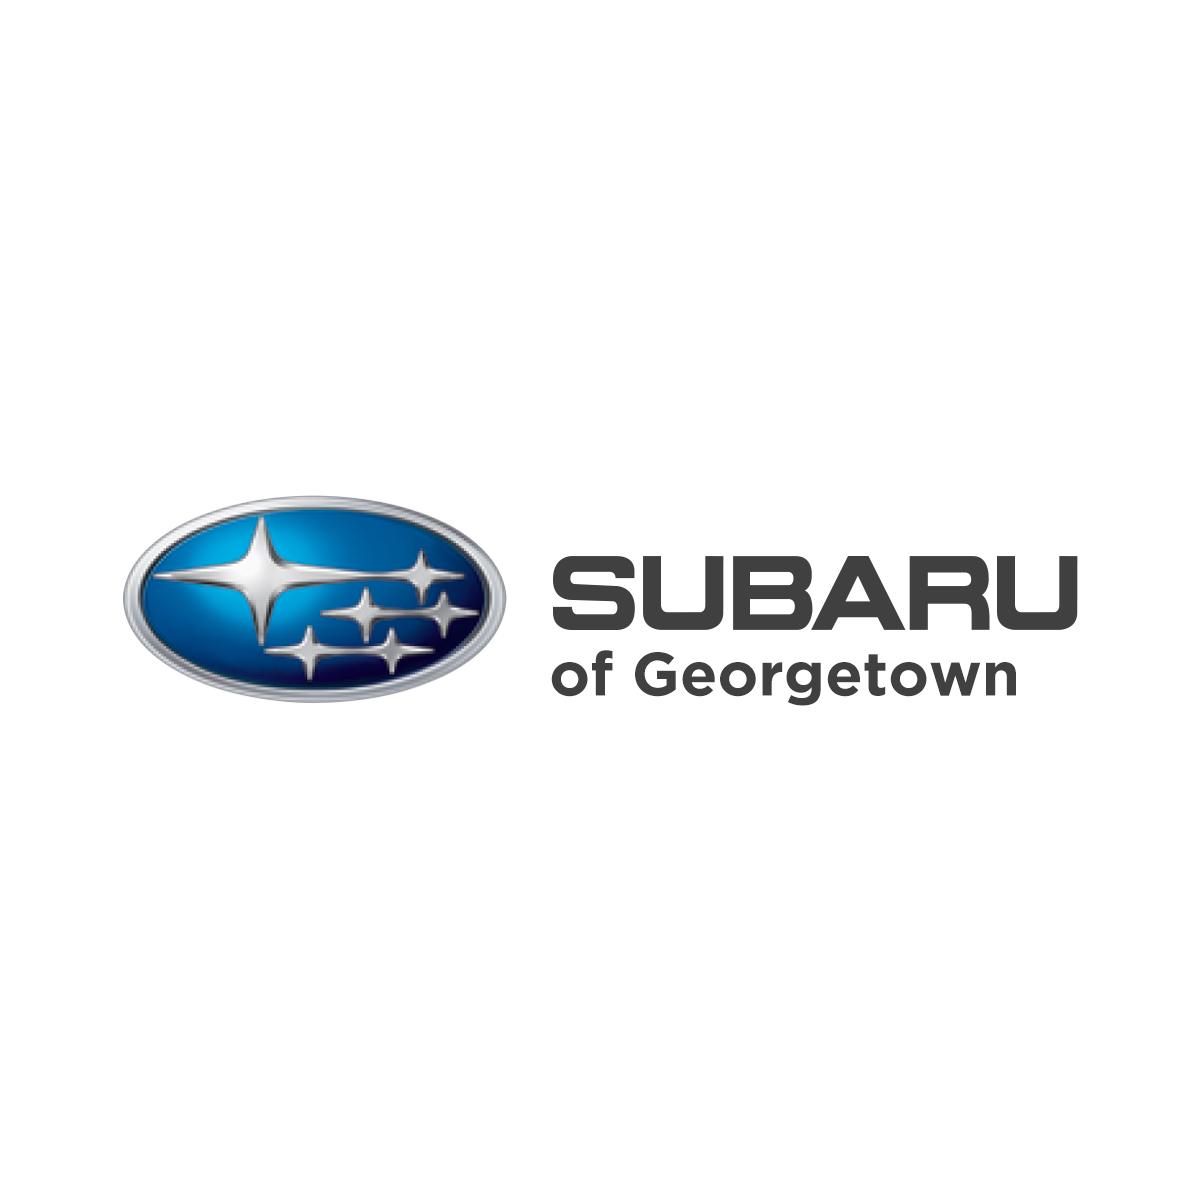 Subaru Of Georgetown image 6